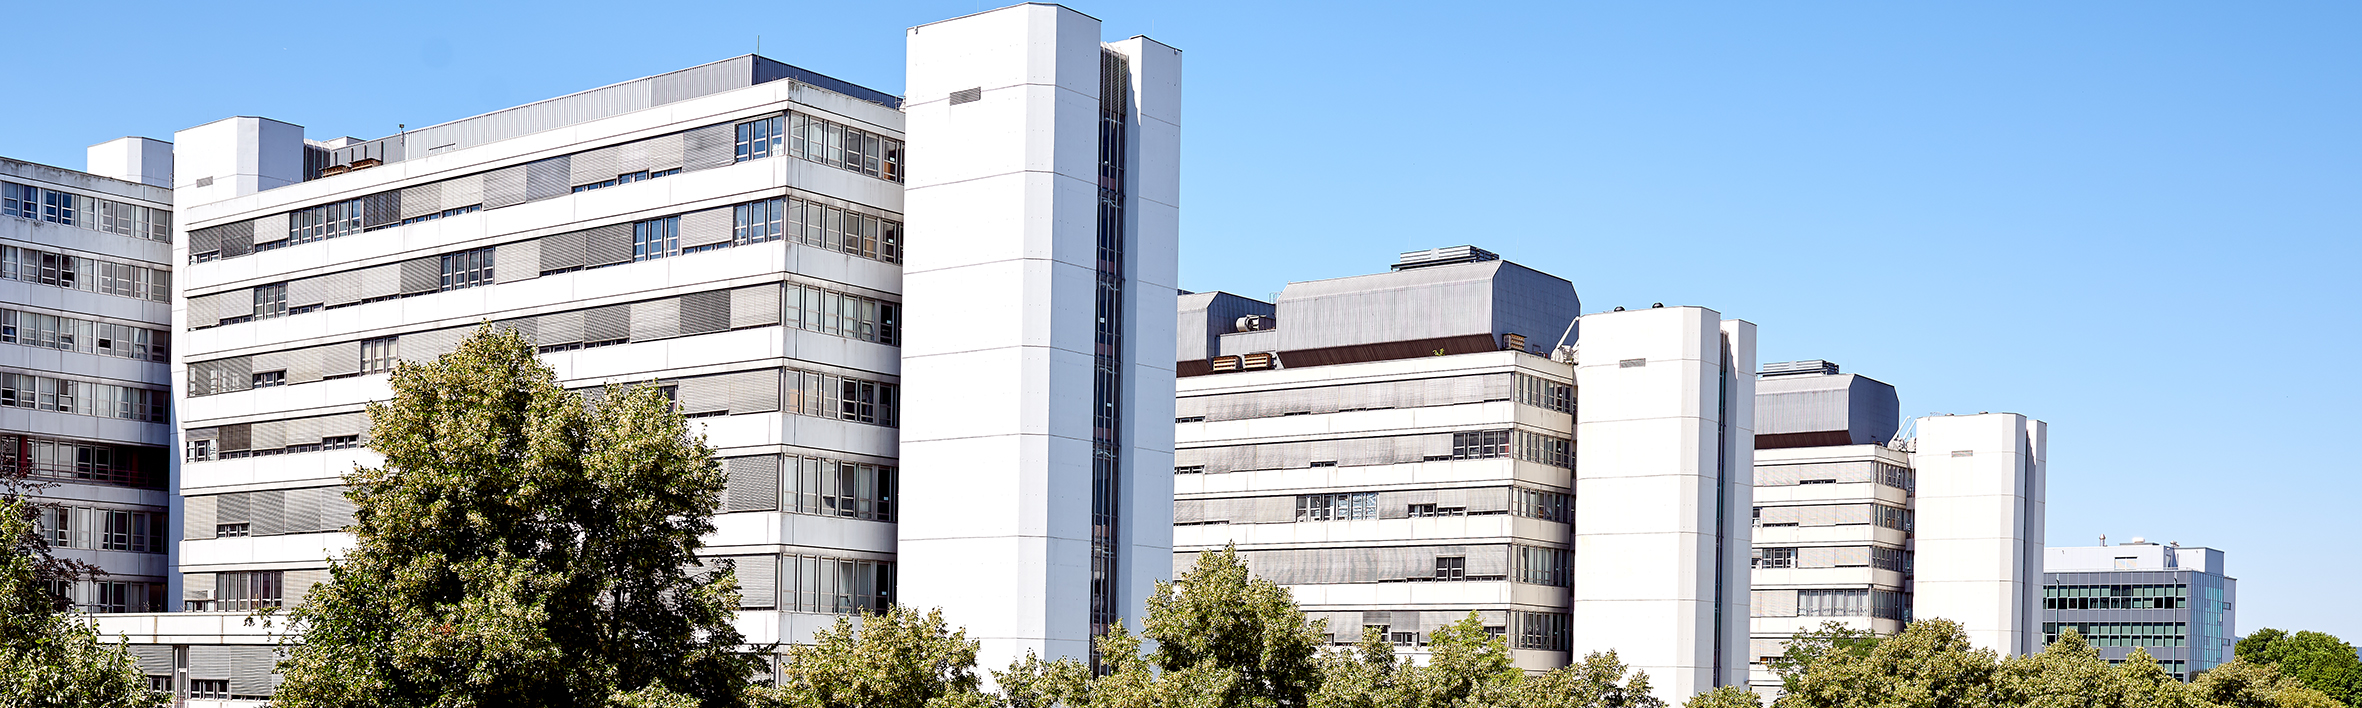 Imagebild Universitätsgebäude